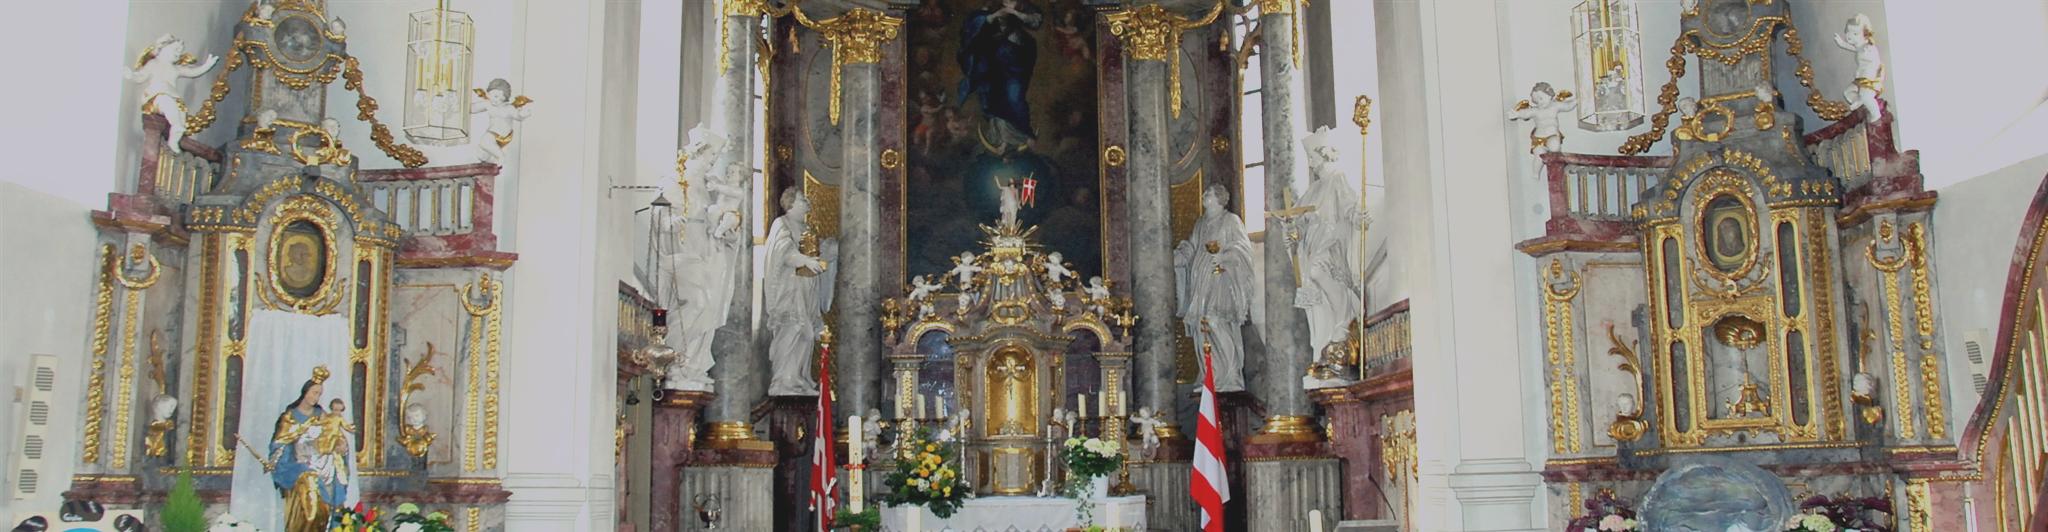 Sulzthal - Pfarrkirche Mariä Himmelfahrt